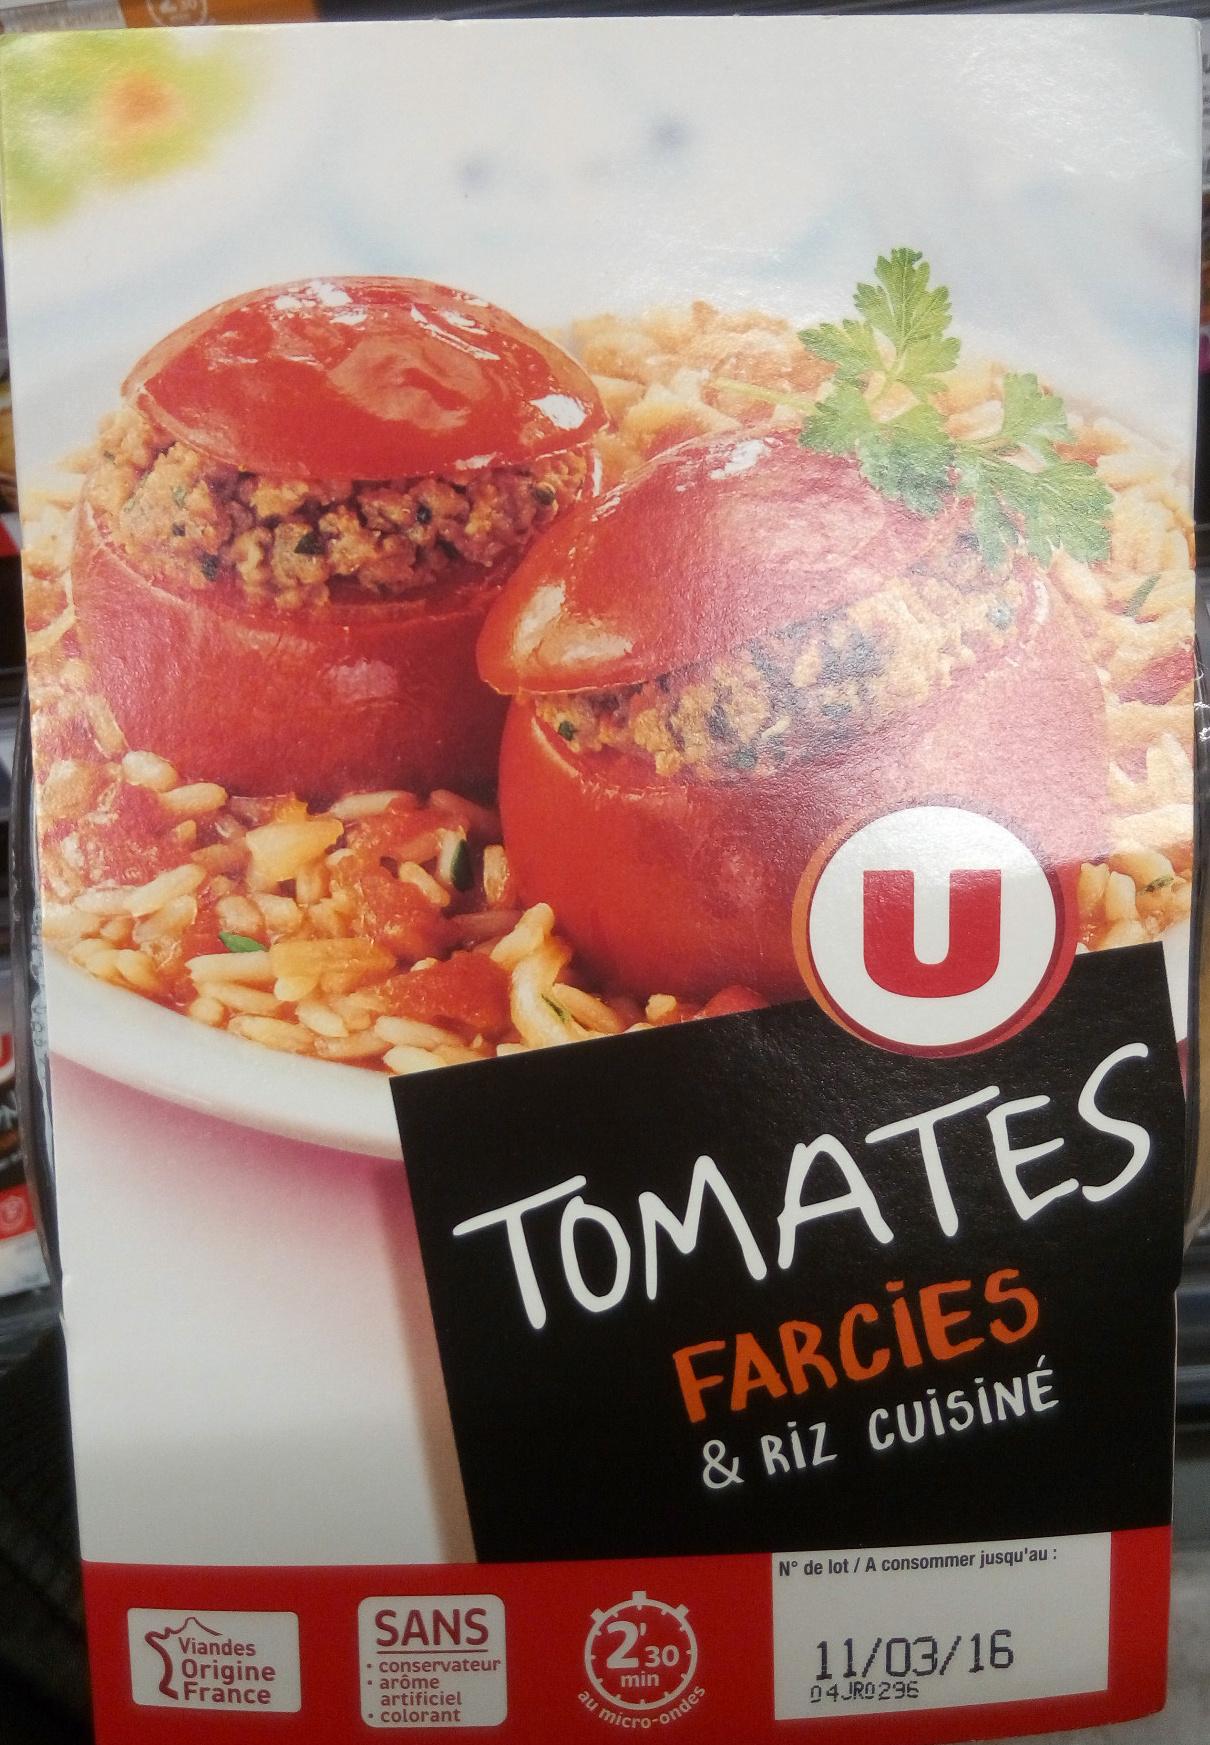 Tomates farcies & riz cuisiné - Produit - fr